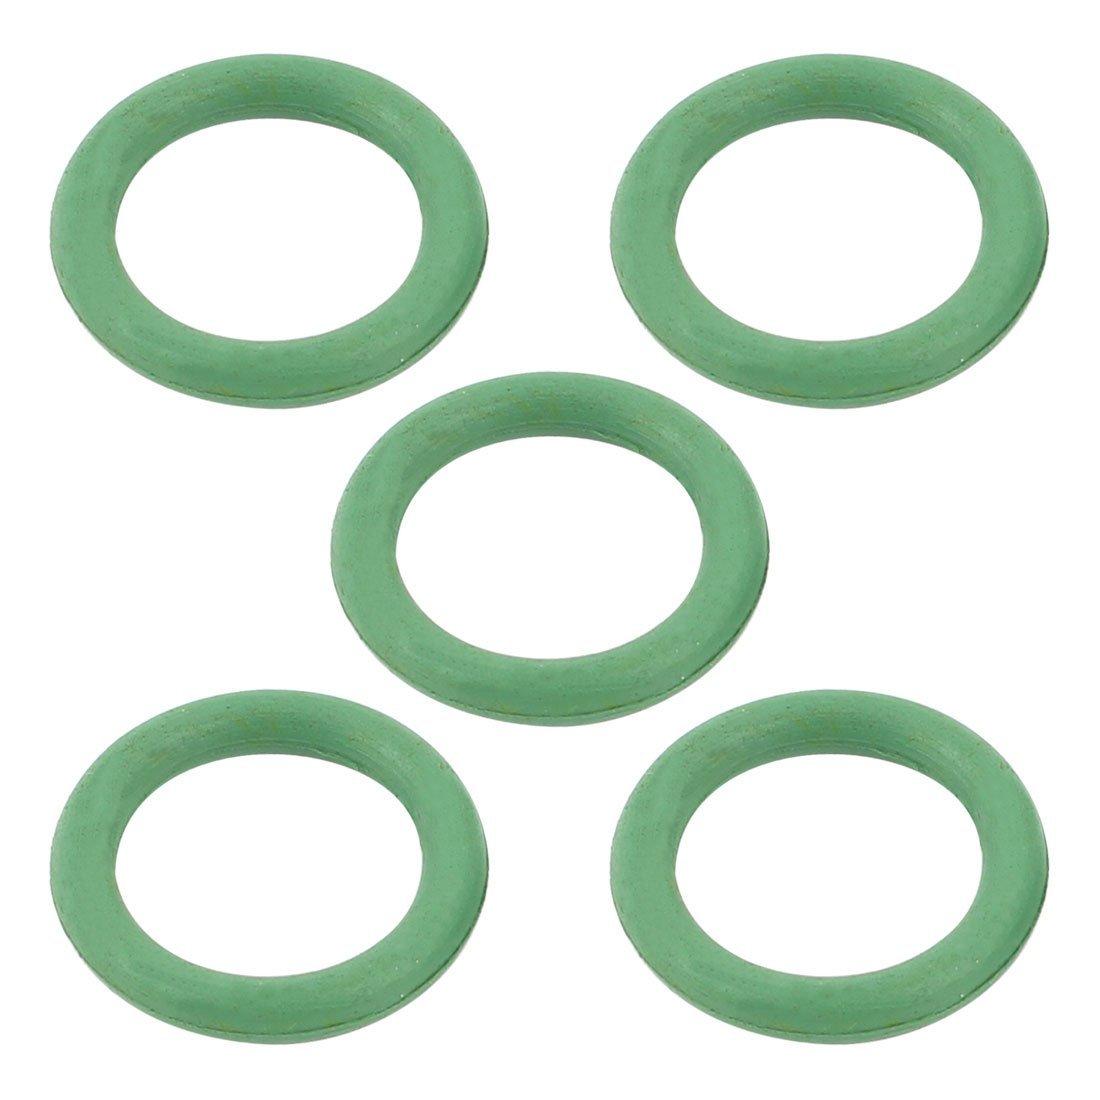 5Pcs 20mm x 14mm Rubber Oil Seal O Rings Gaskets Grommets Green DealMux DLM-B00VG3UW6W